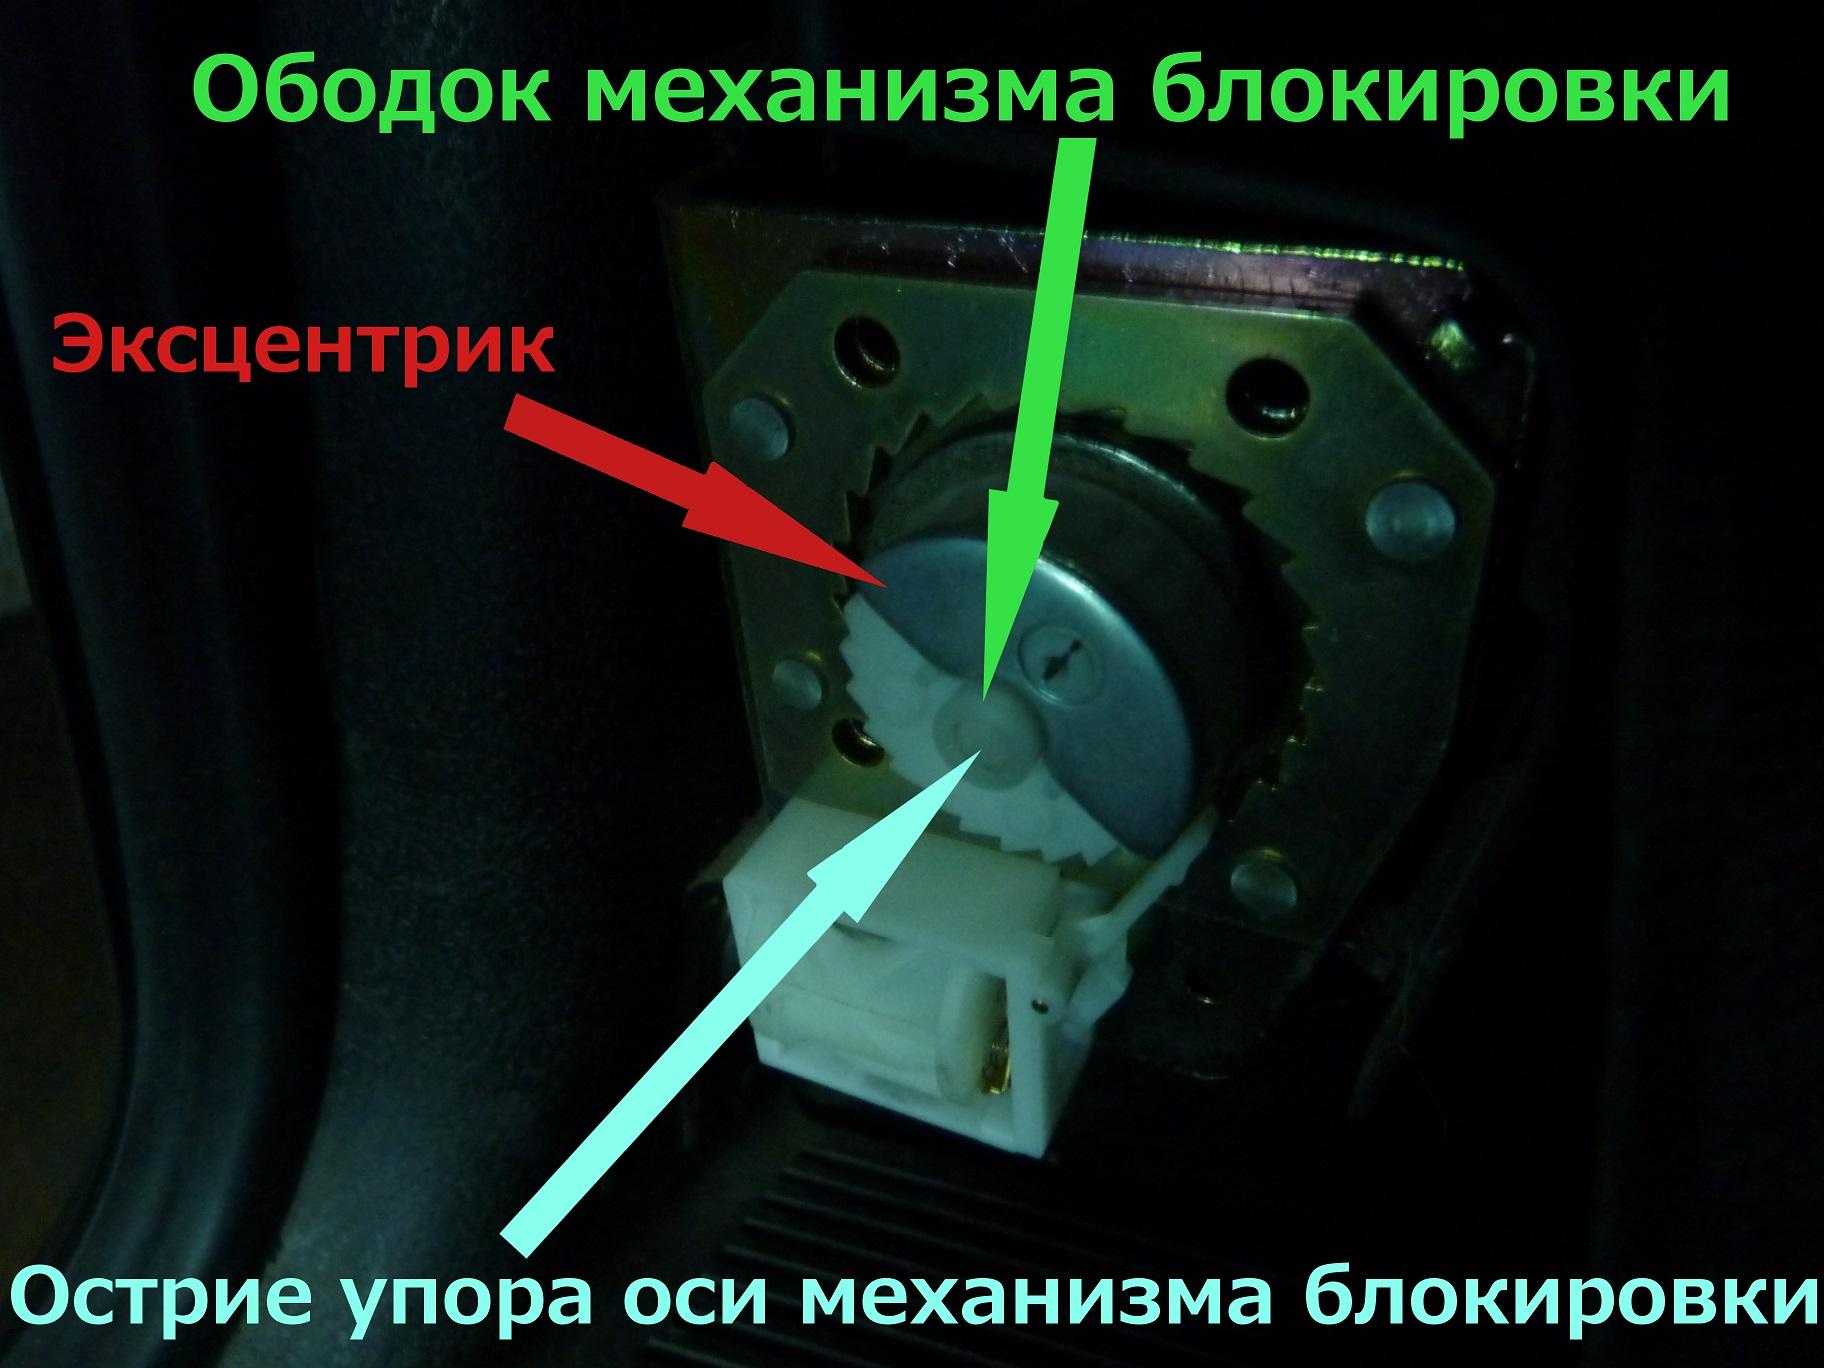 Механизм блокировки выходы ремня безопасности из катушки автомобиля НИВА